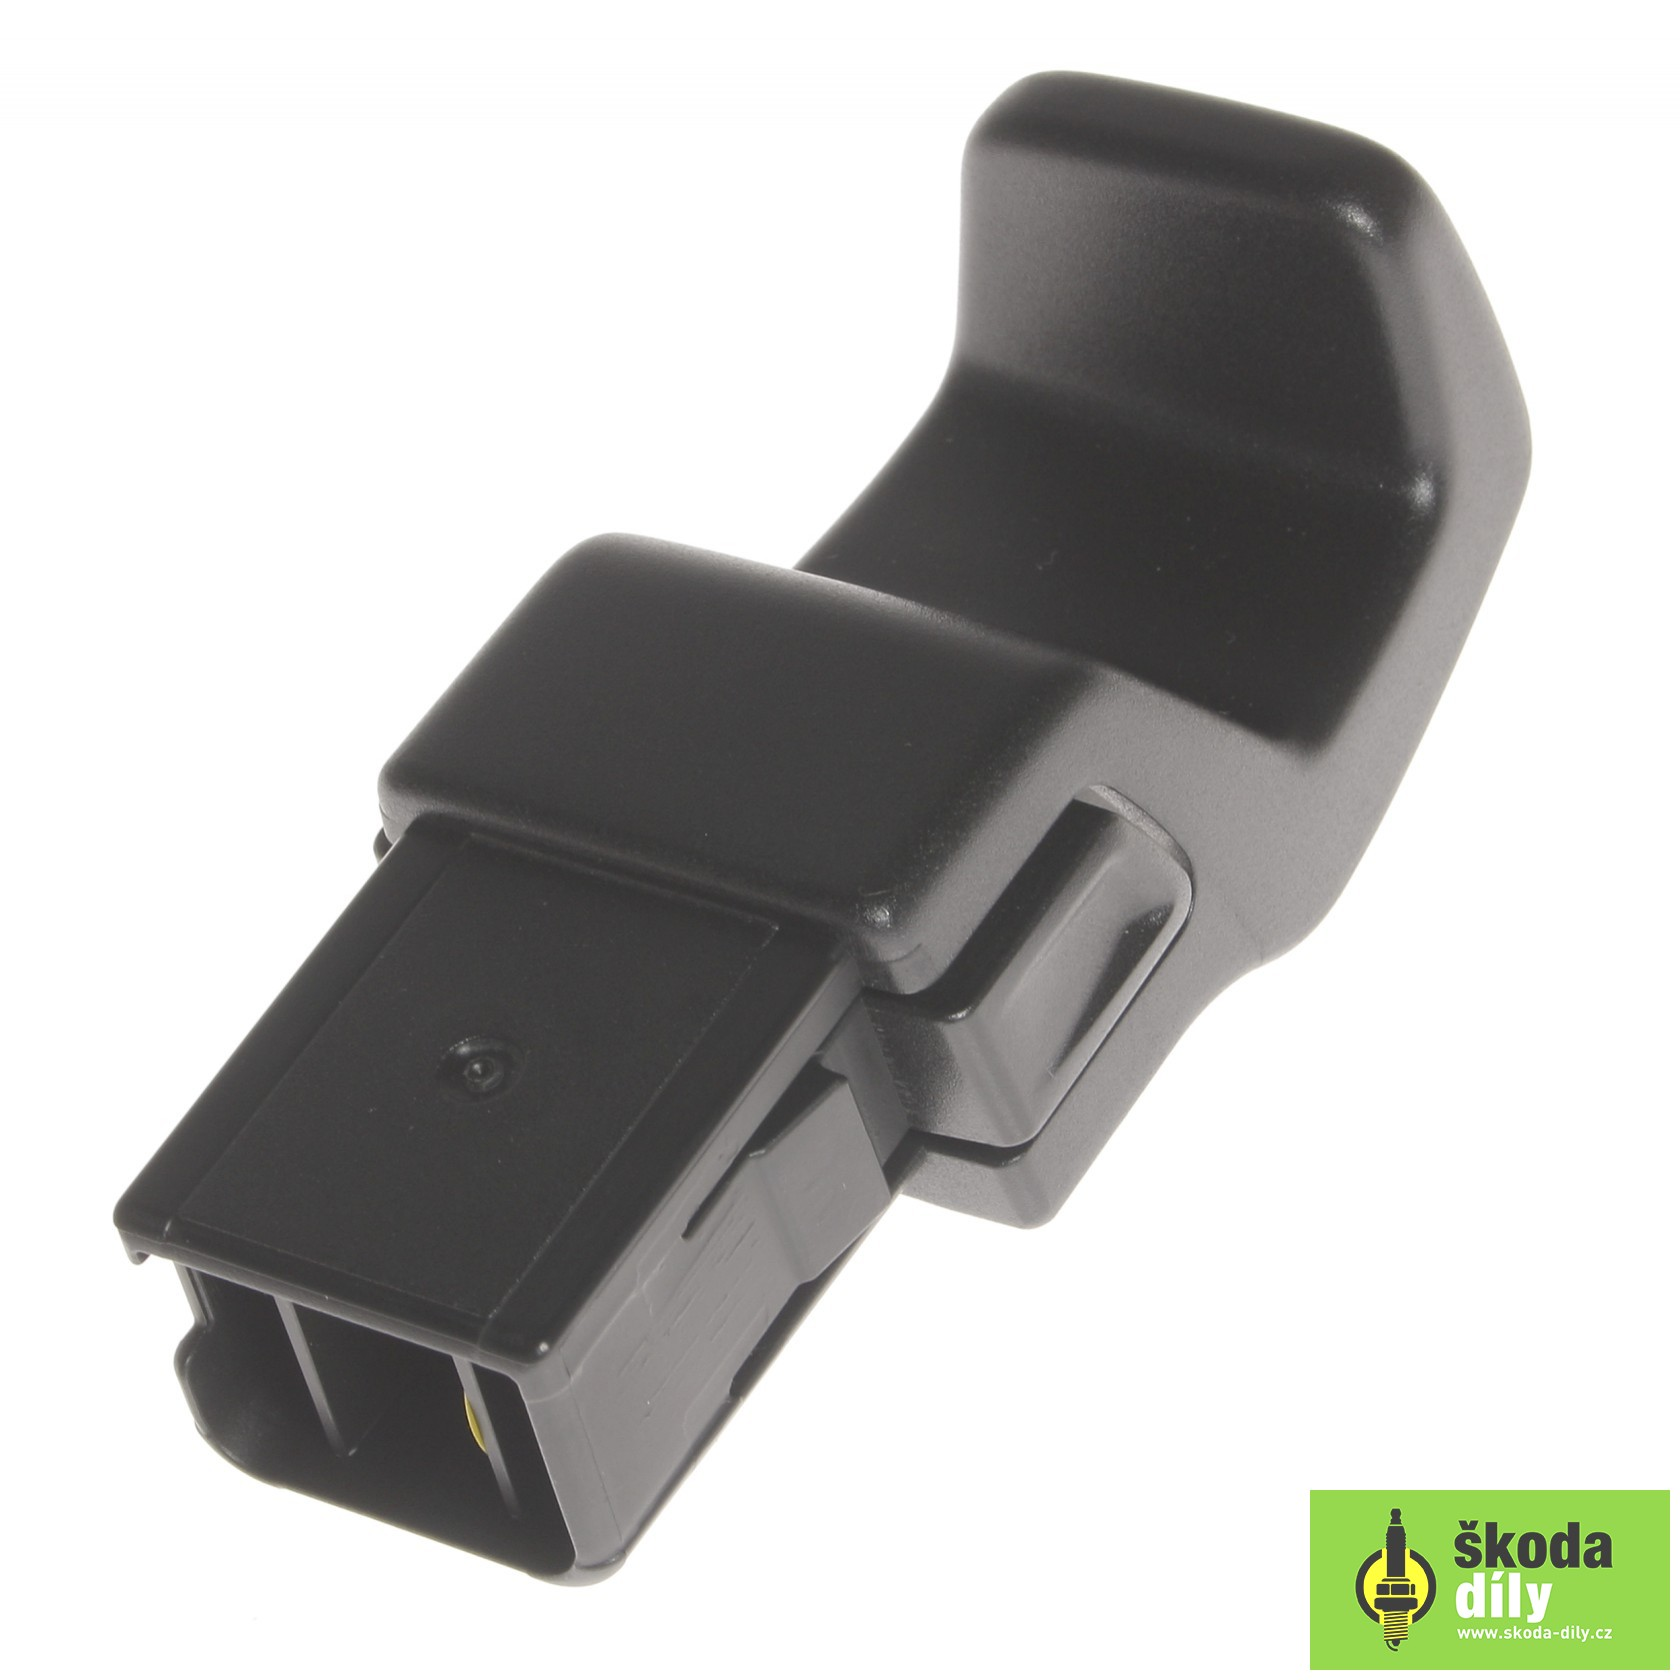 Smart Holder Hook Koda 3v0061126